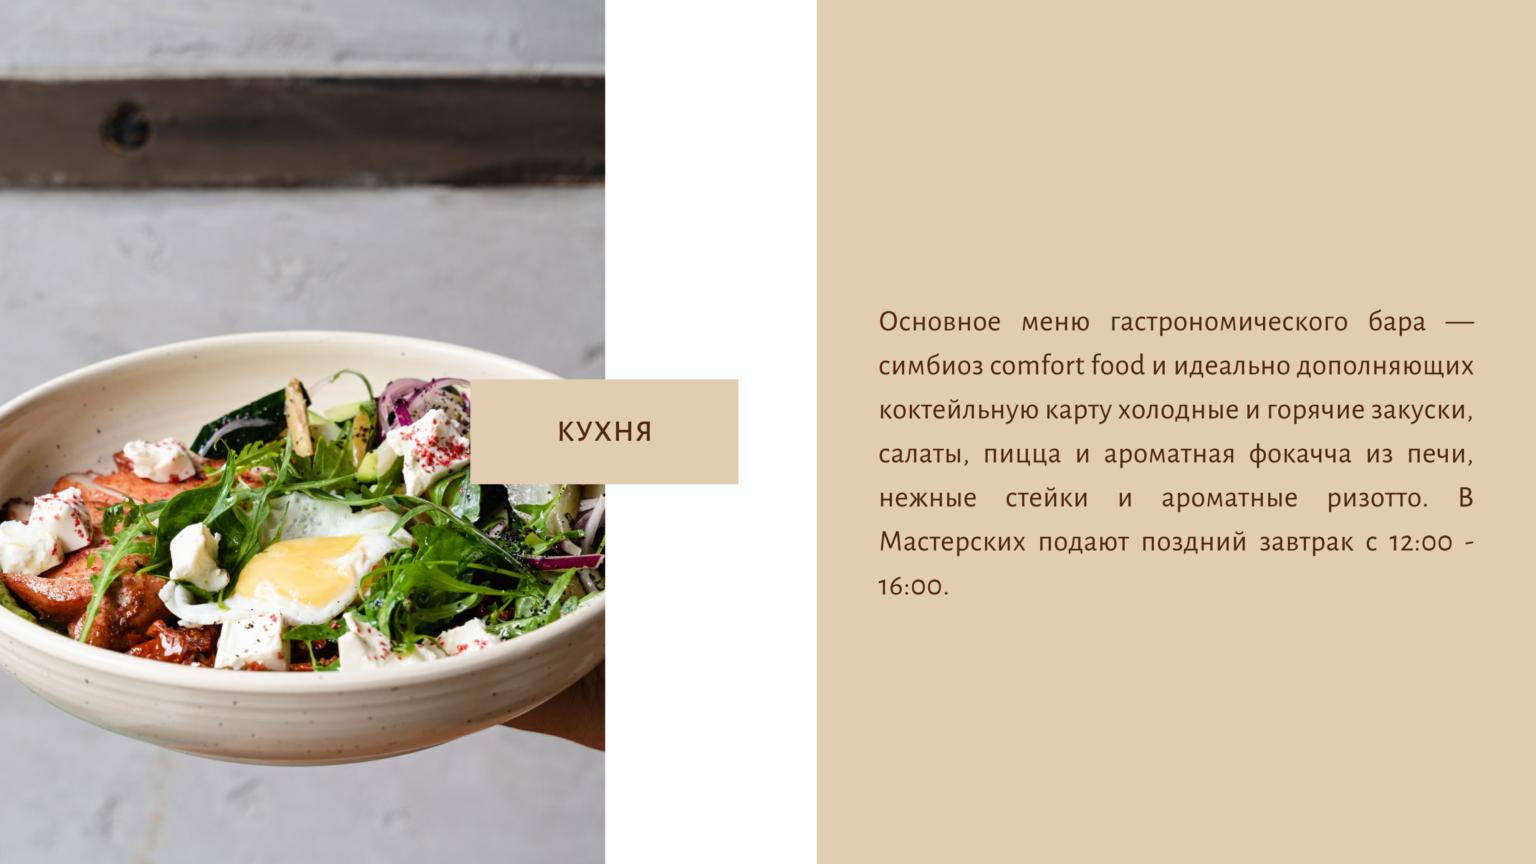 MASTERS&MARGARITAS Кухня